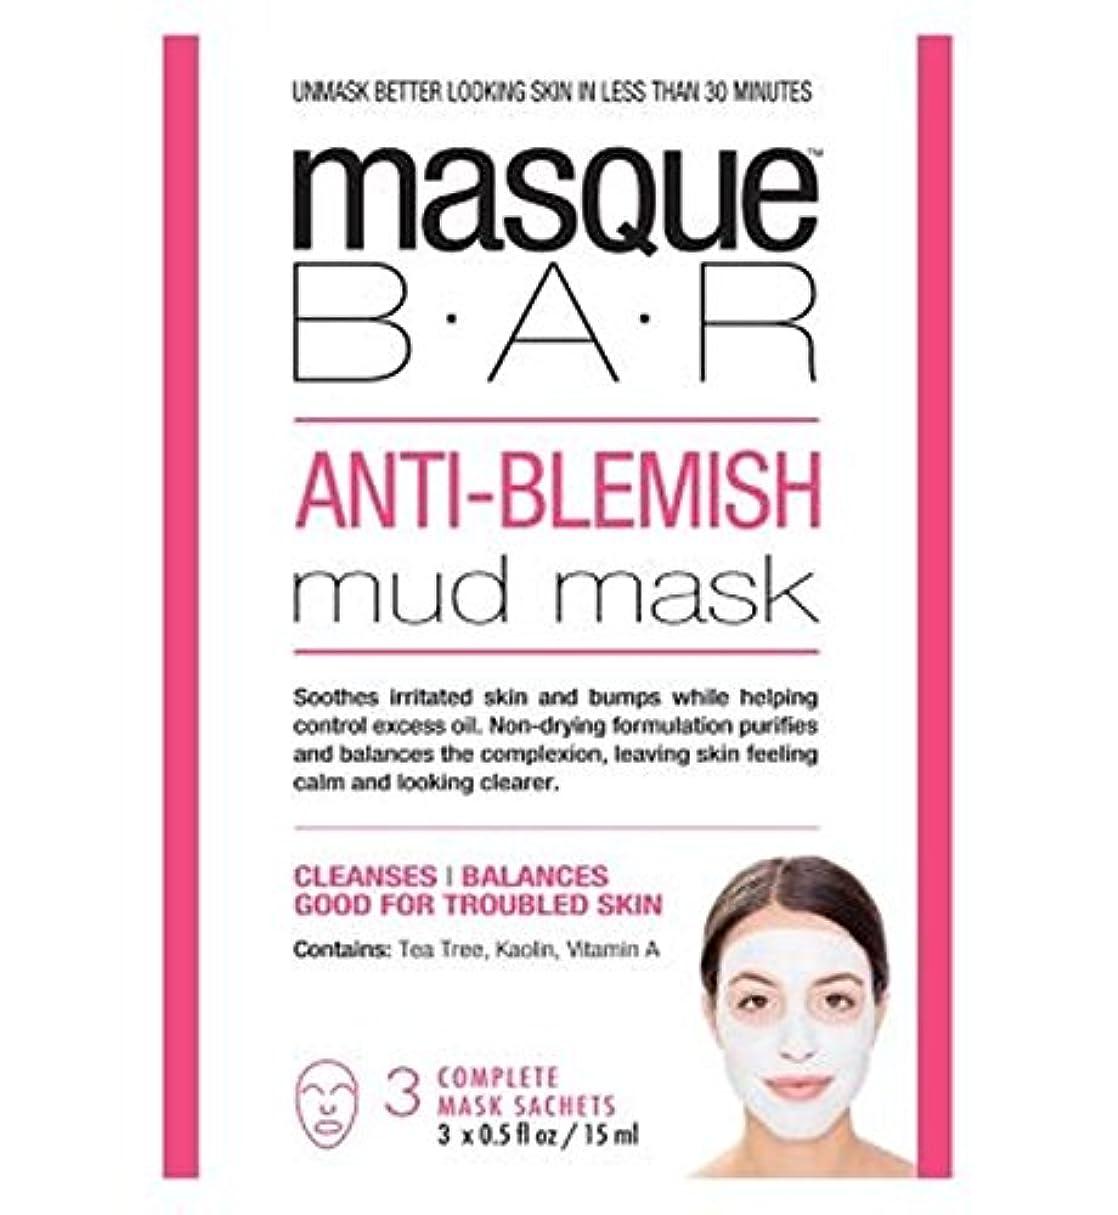 シーサイド熱狂的なハードリング仮面劇バー抗傷泥マスク - 3S (P6B Masque Bar Bt) (x2) - Masque Bar Anti-Blemish Mud Mask - 3s (Pack of 2) [並行輸入品]